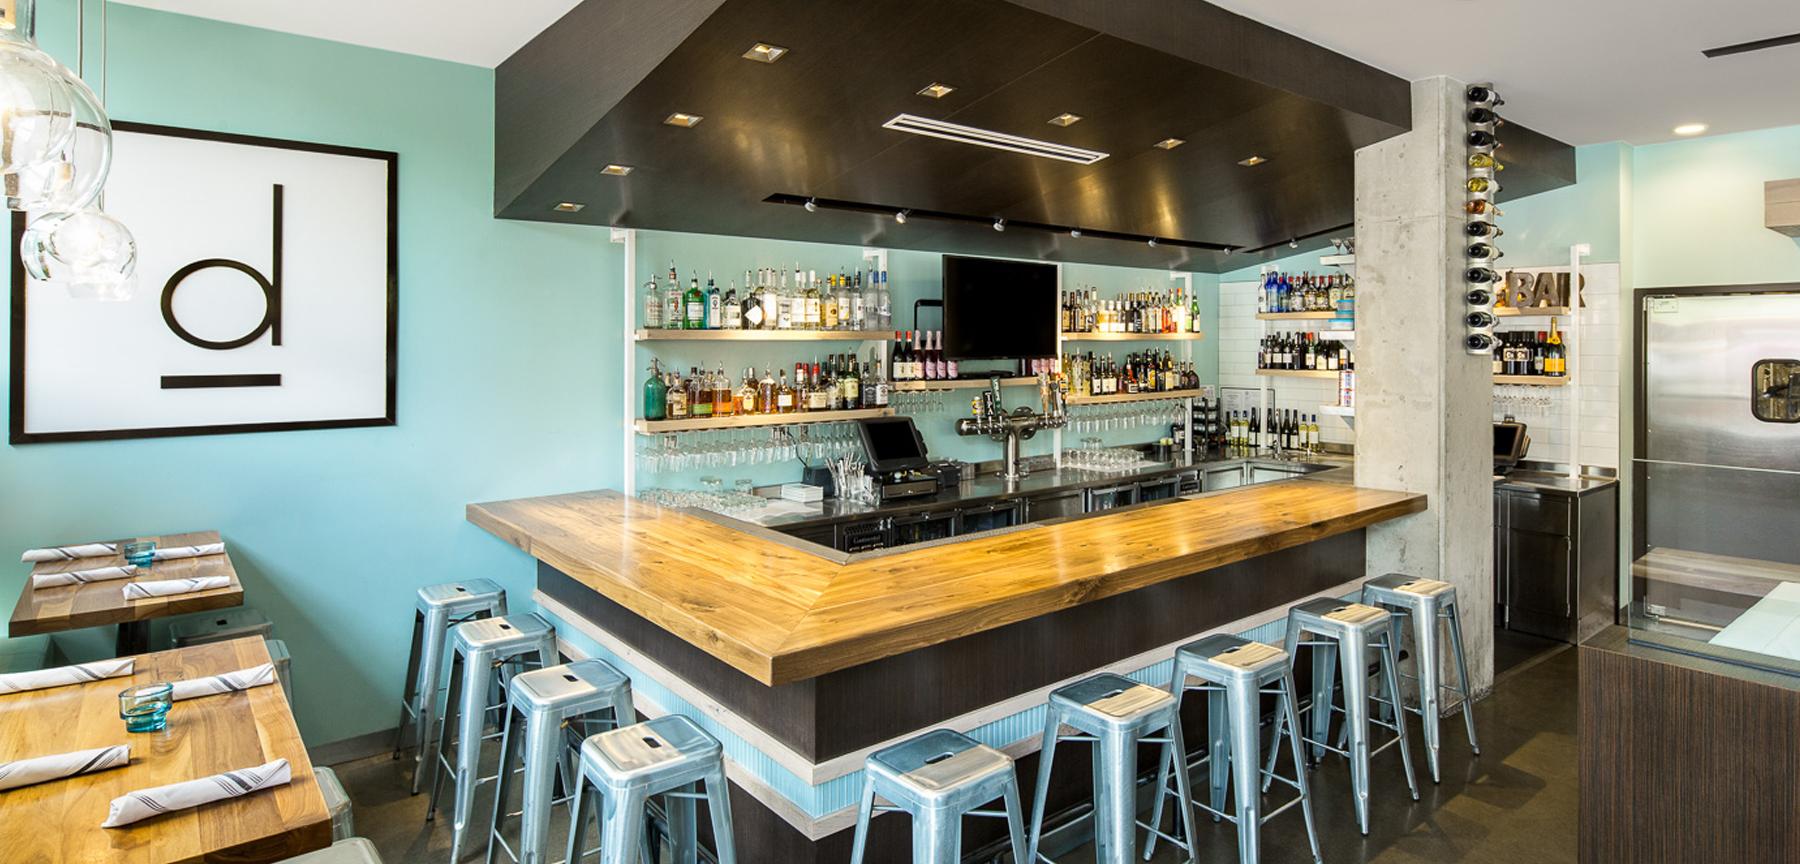 D Bar Denver bar